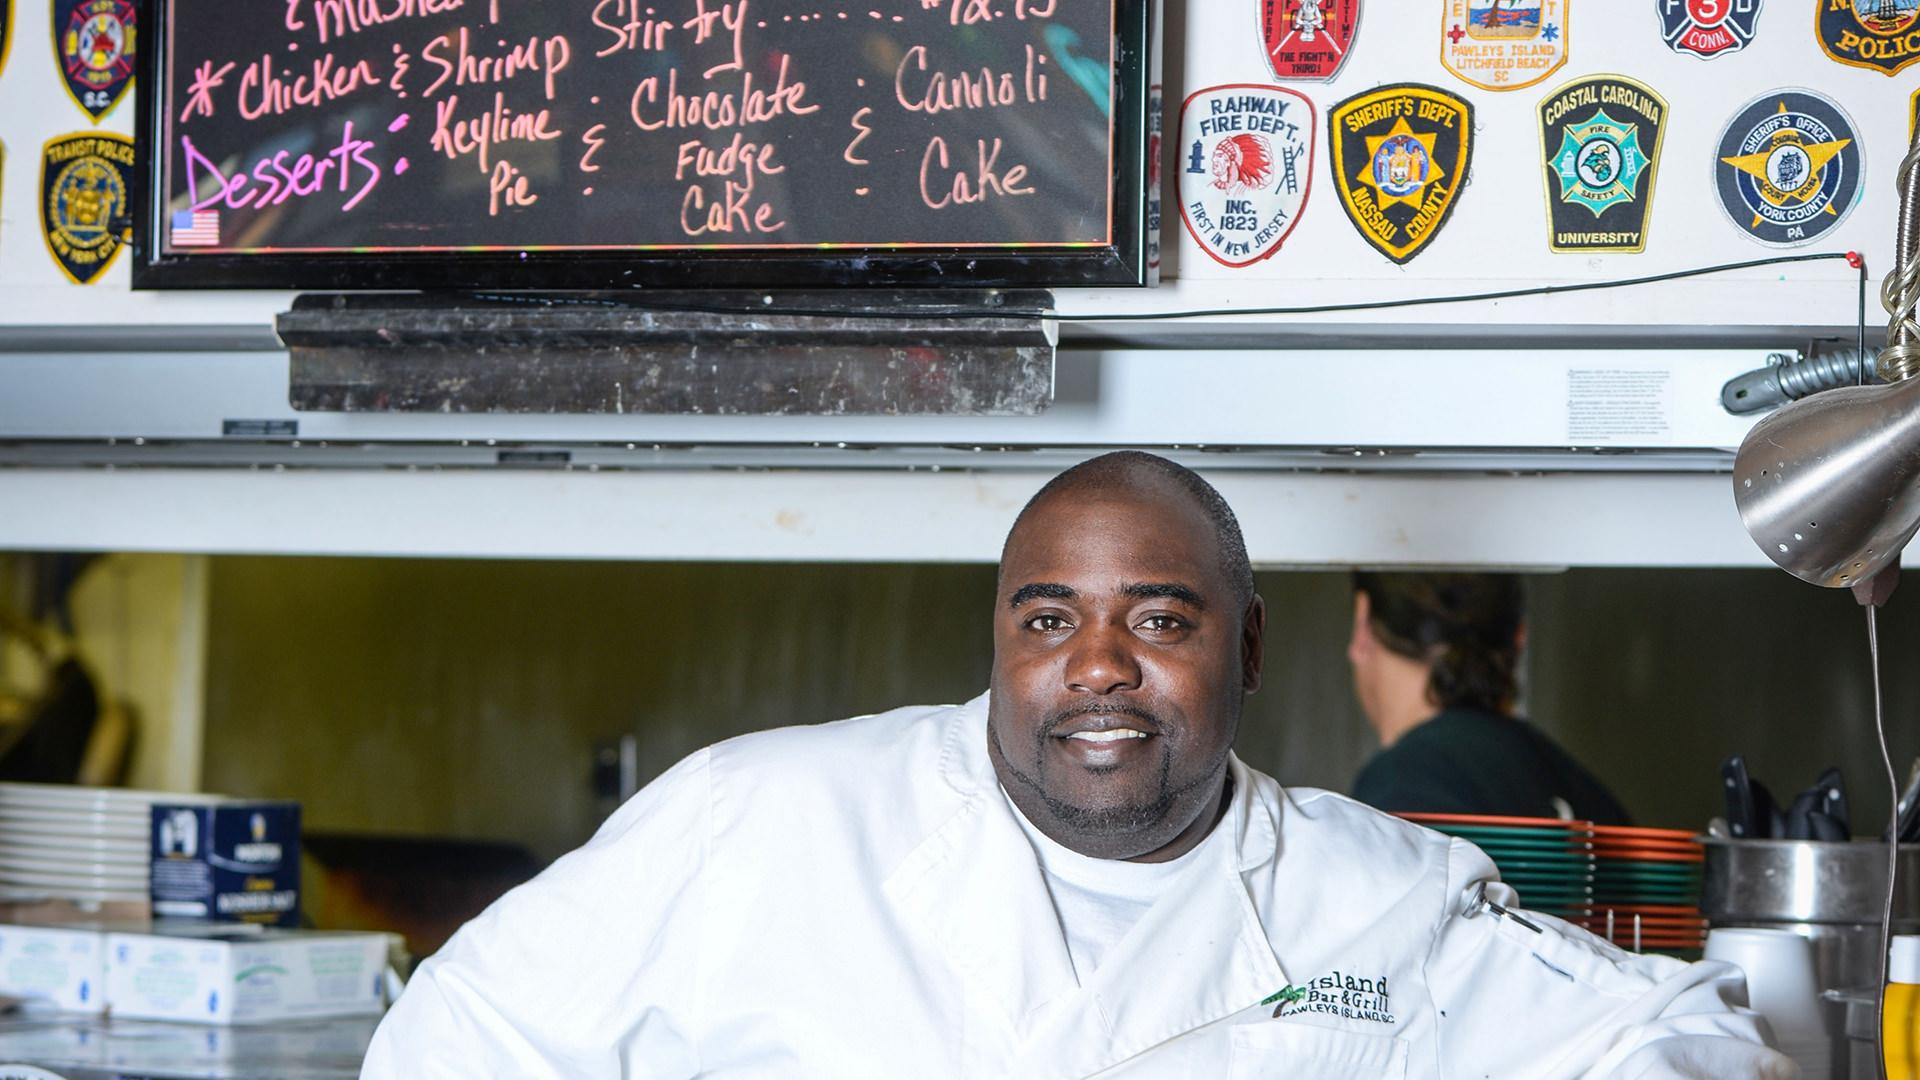 Chef_Dwayne